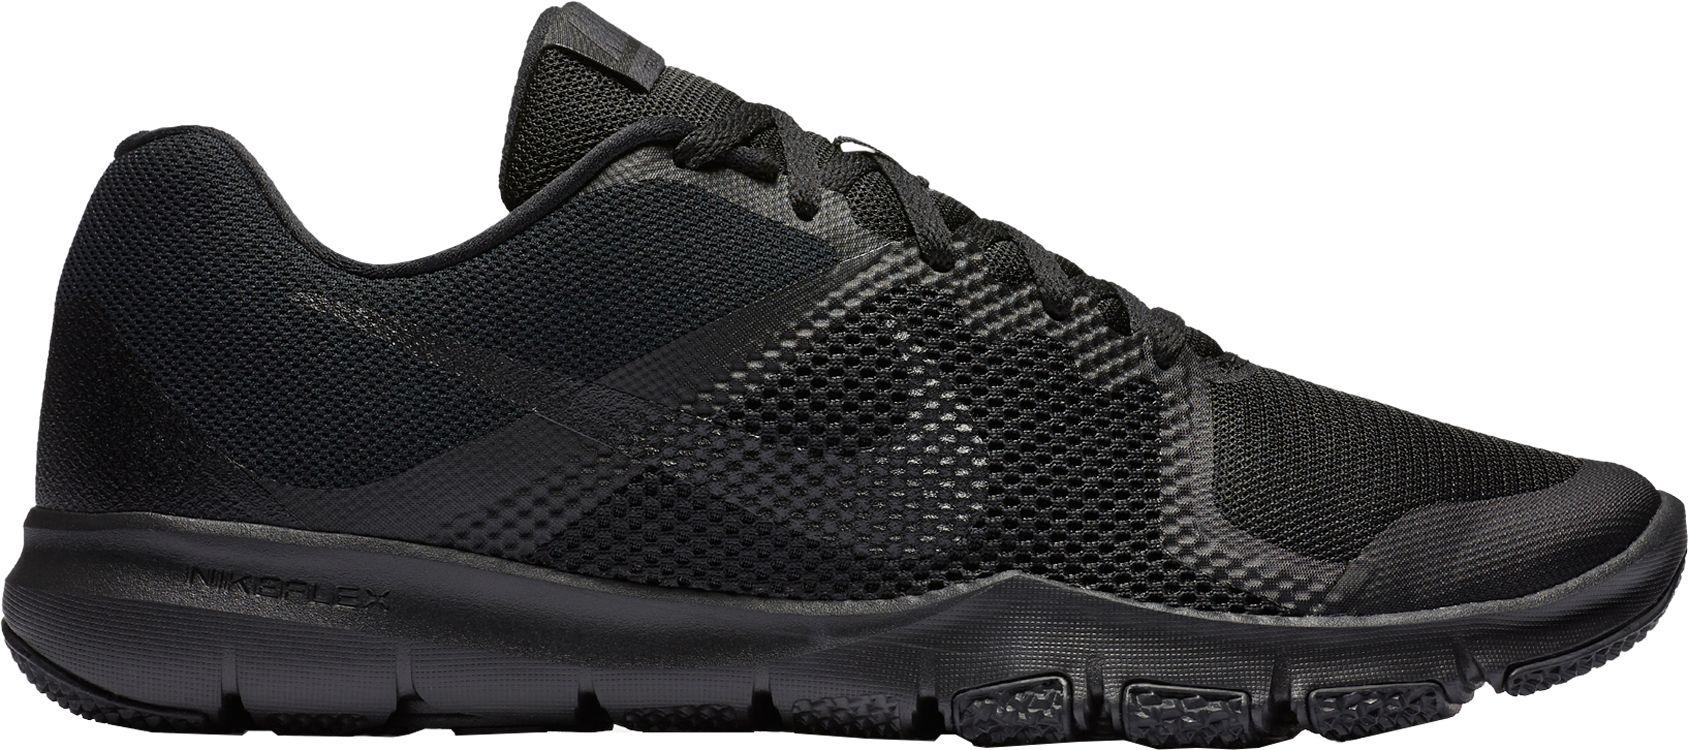 Nike Toutes Les Chaussures De Formation Croix Noire offre pas cher magasin en ligne Coût qualité aaa rrJH6FxR8t